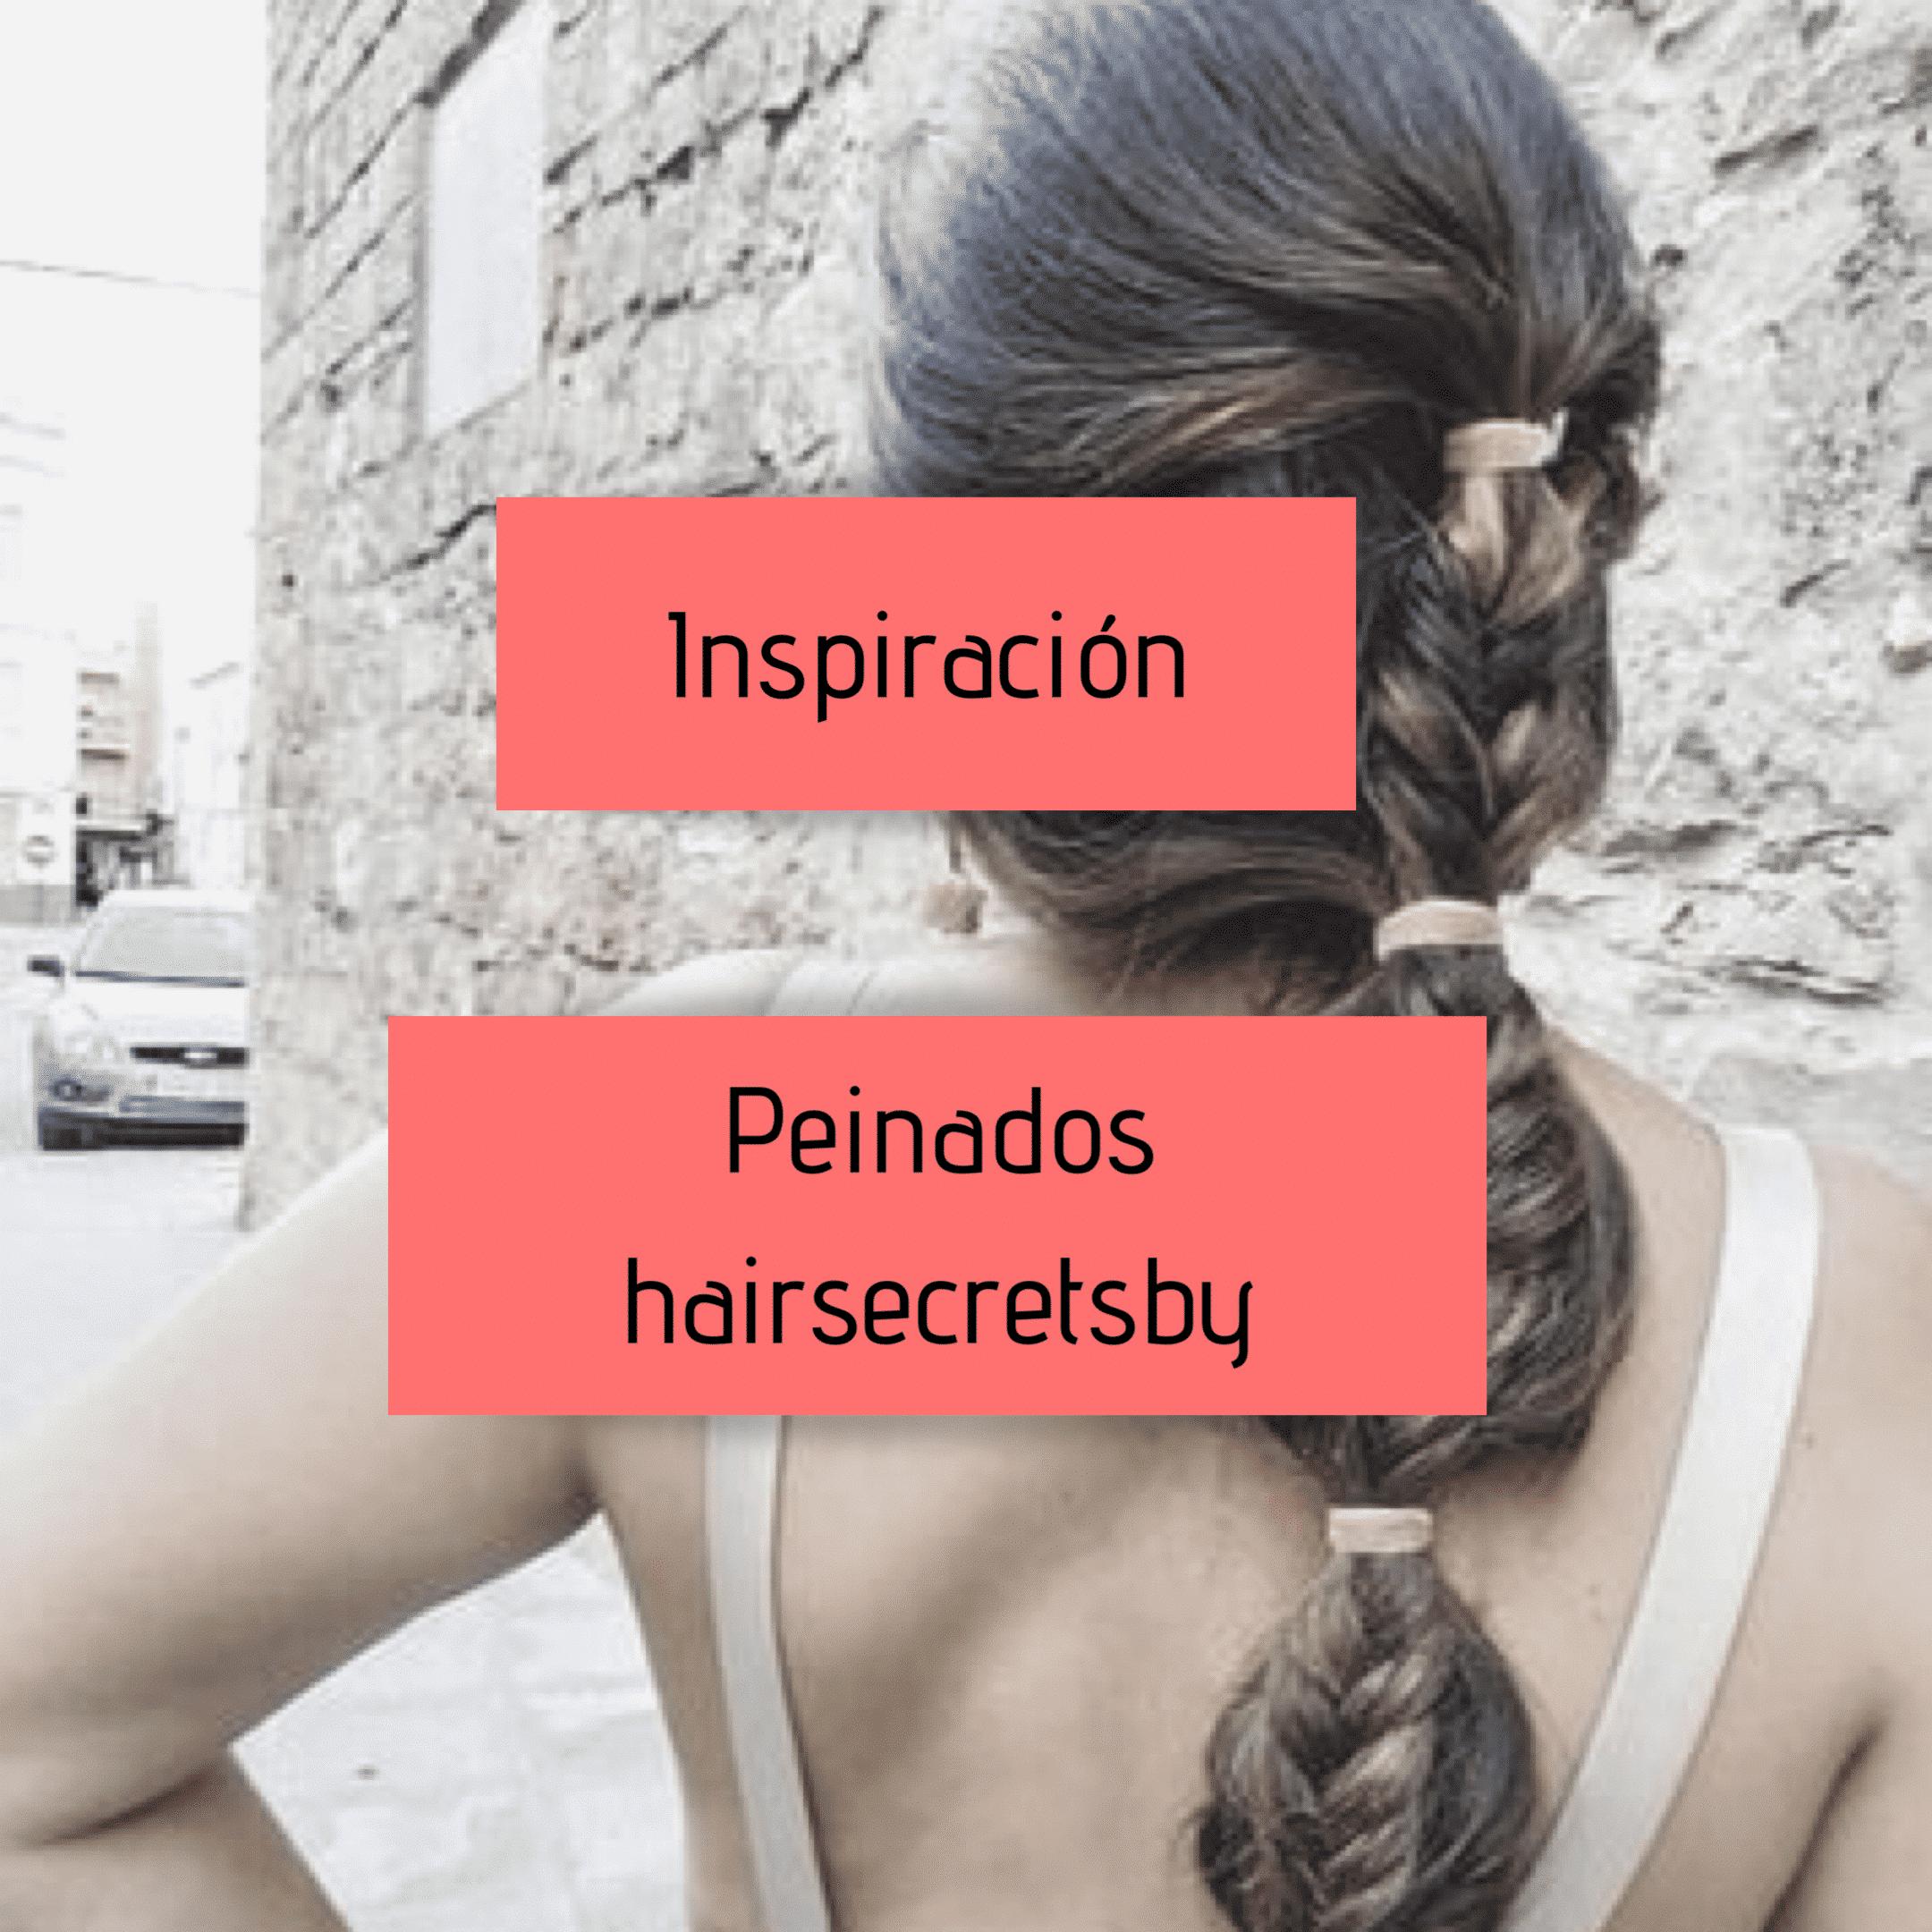 Inspiración peinados  HAIRSECRETSBY